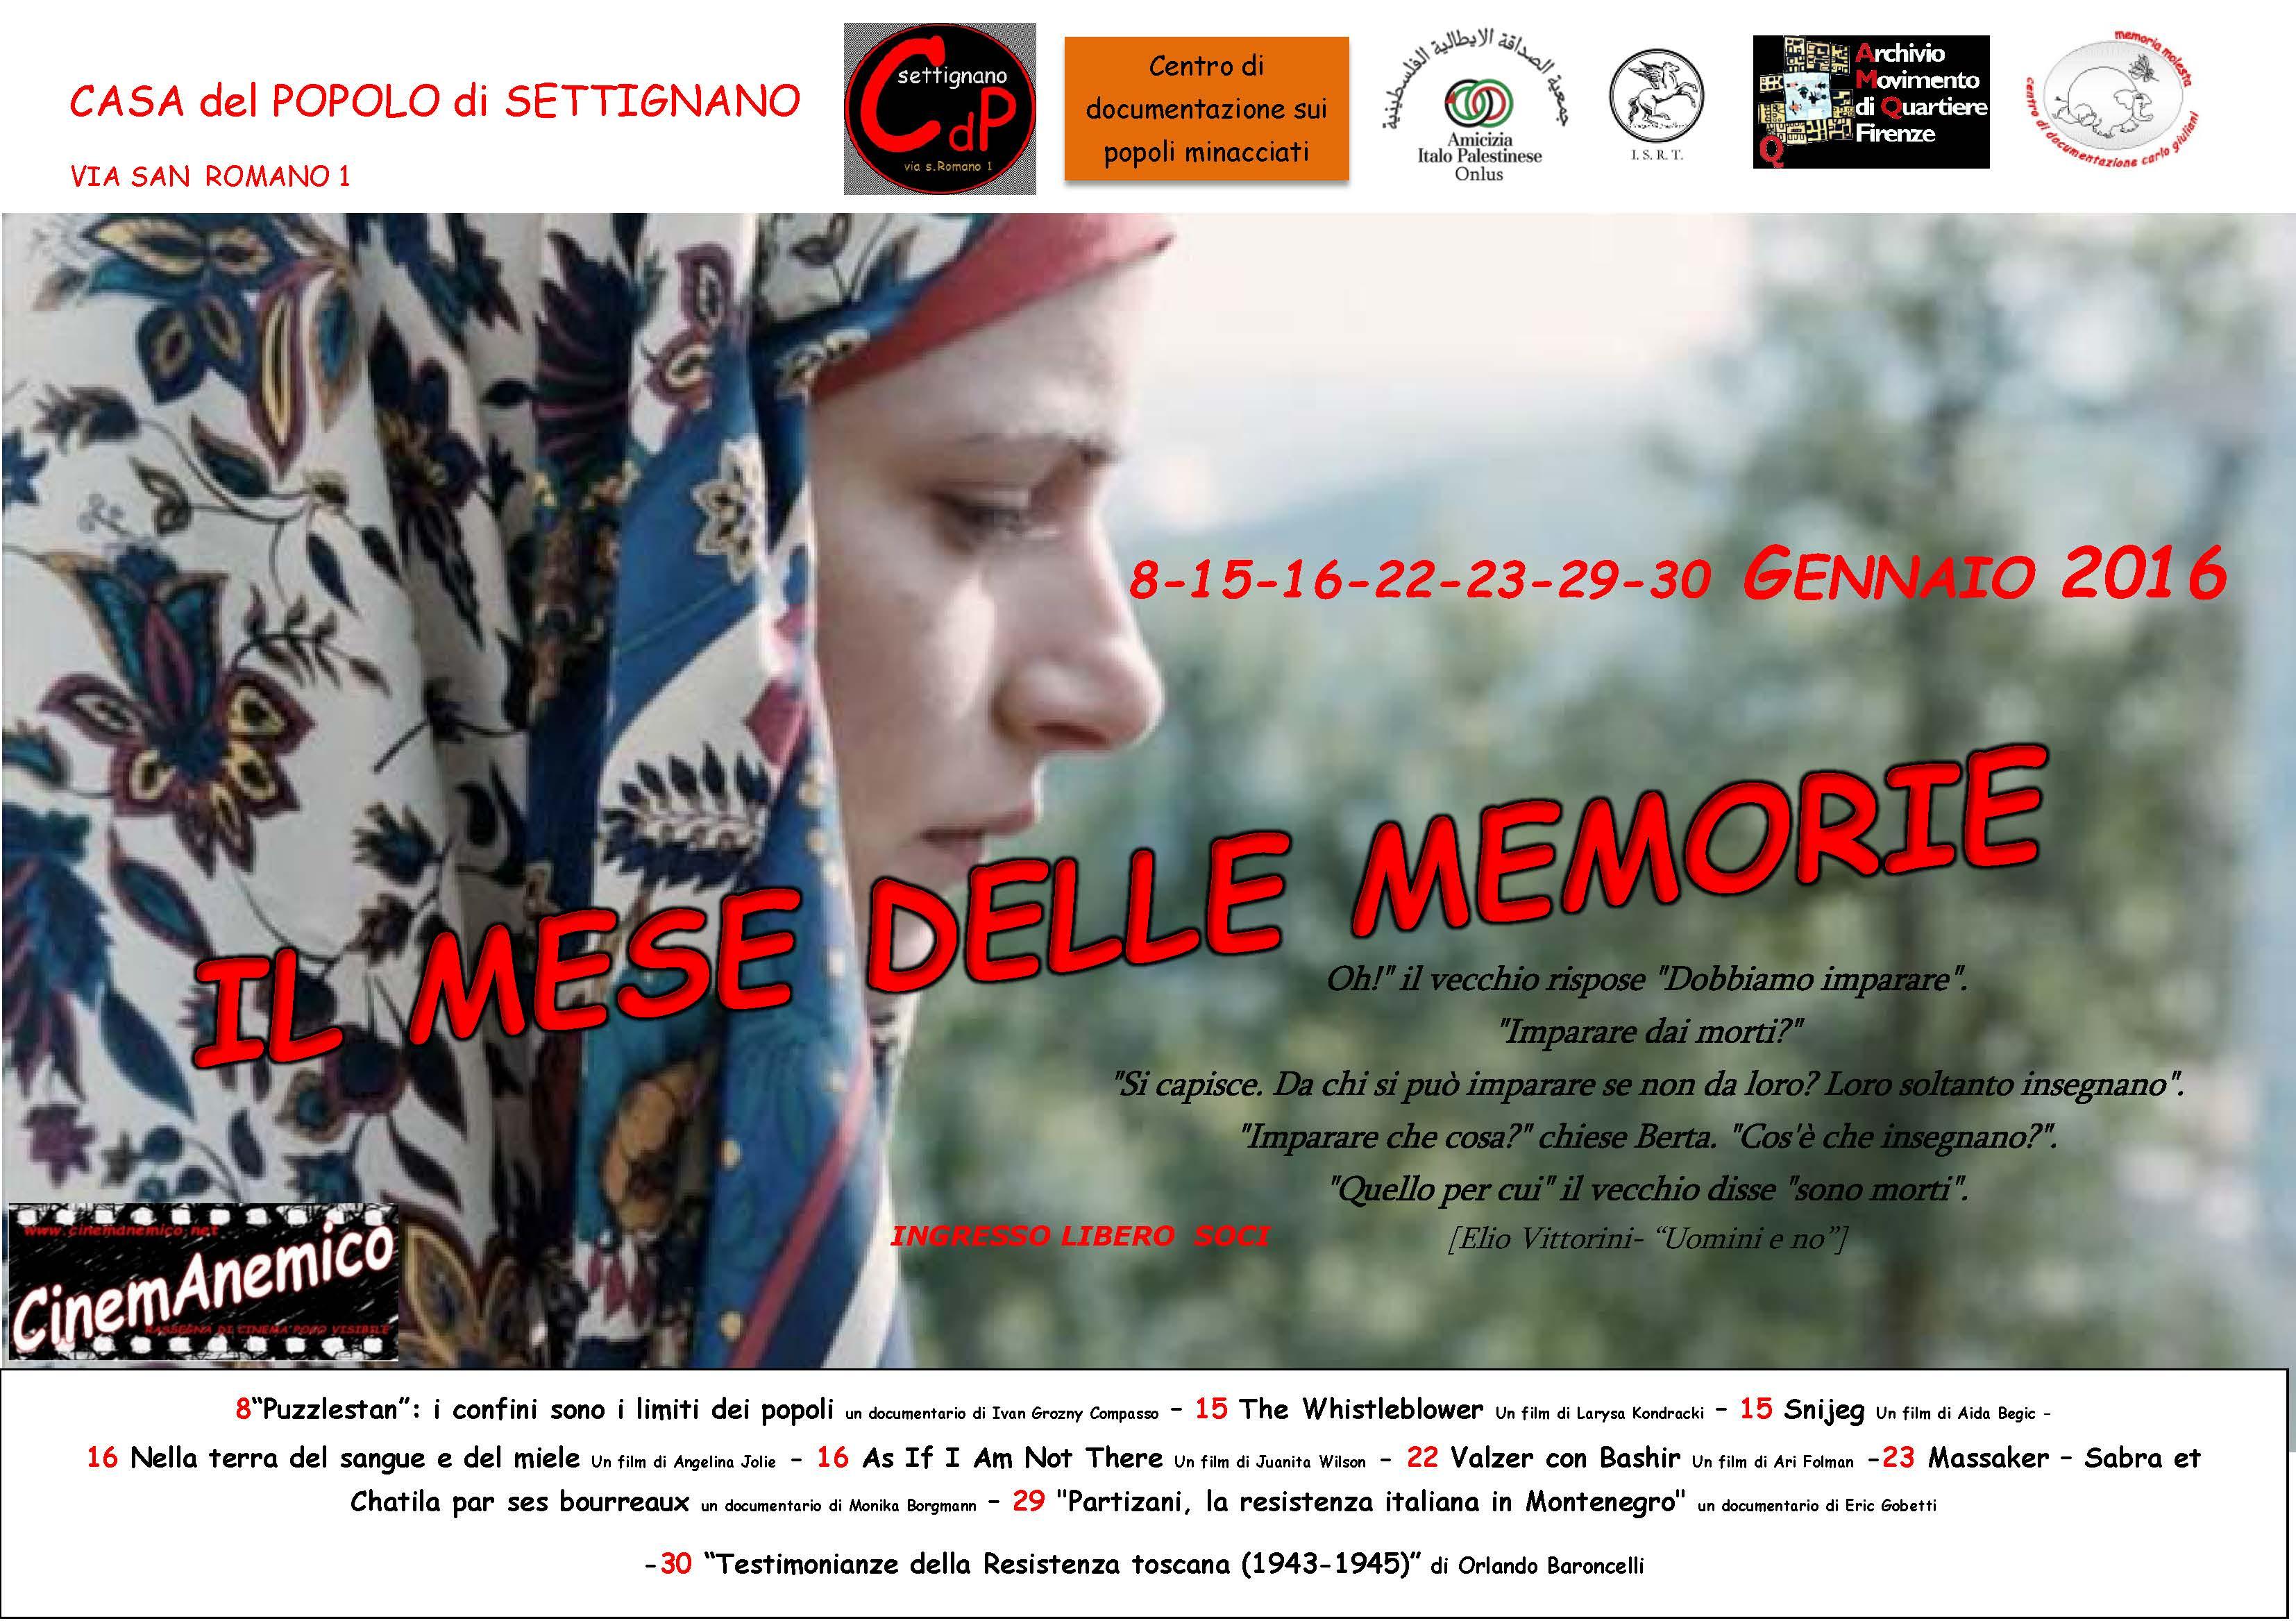 il mese delle memorie